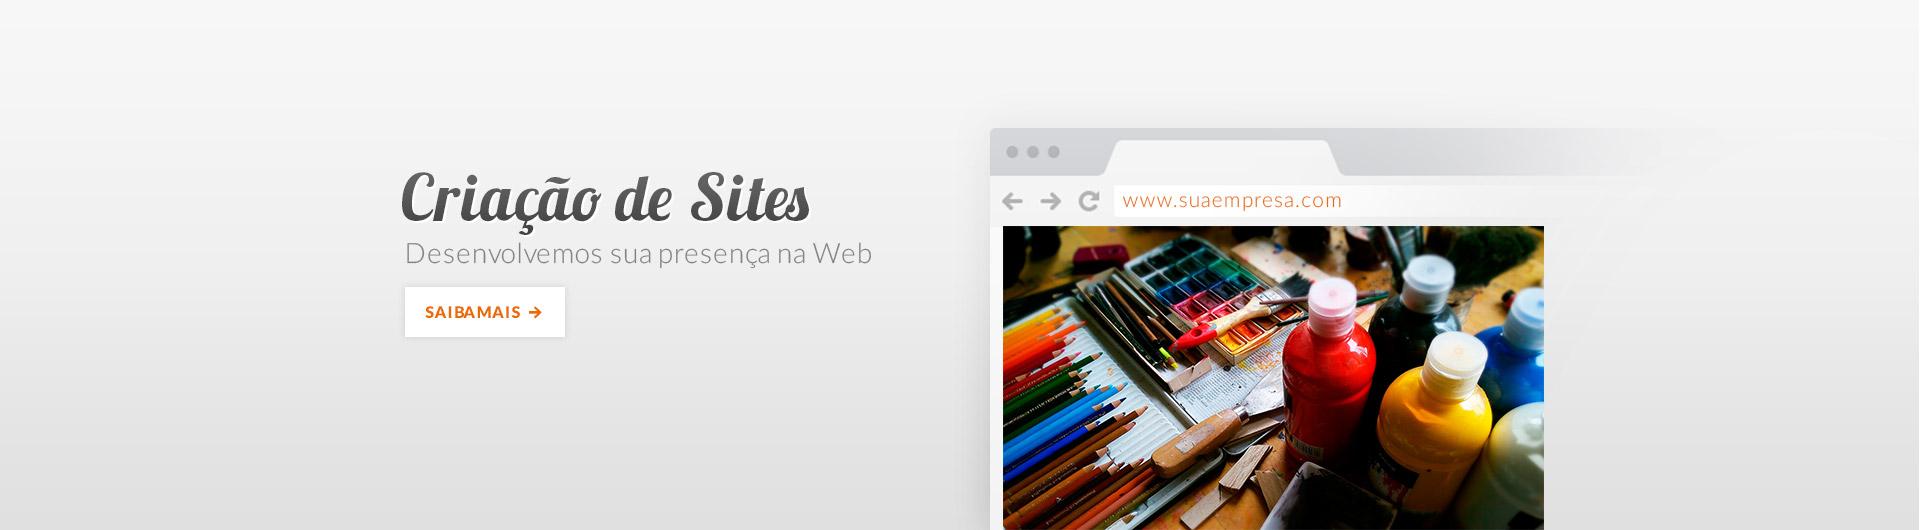 criacao-sites2